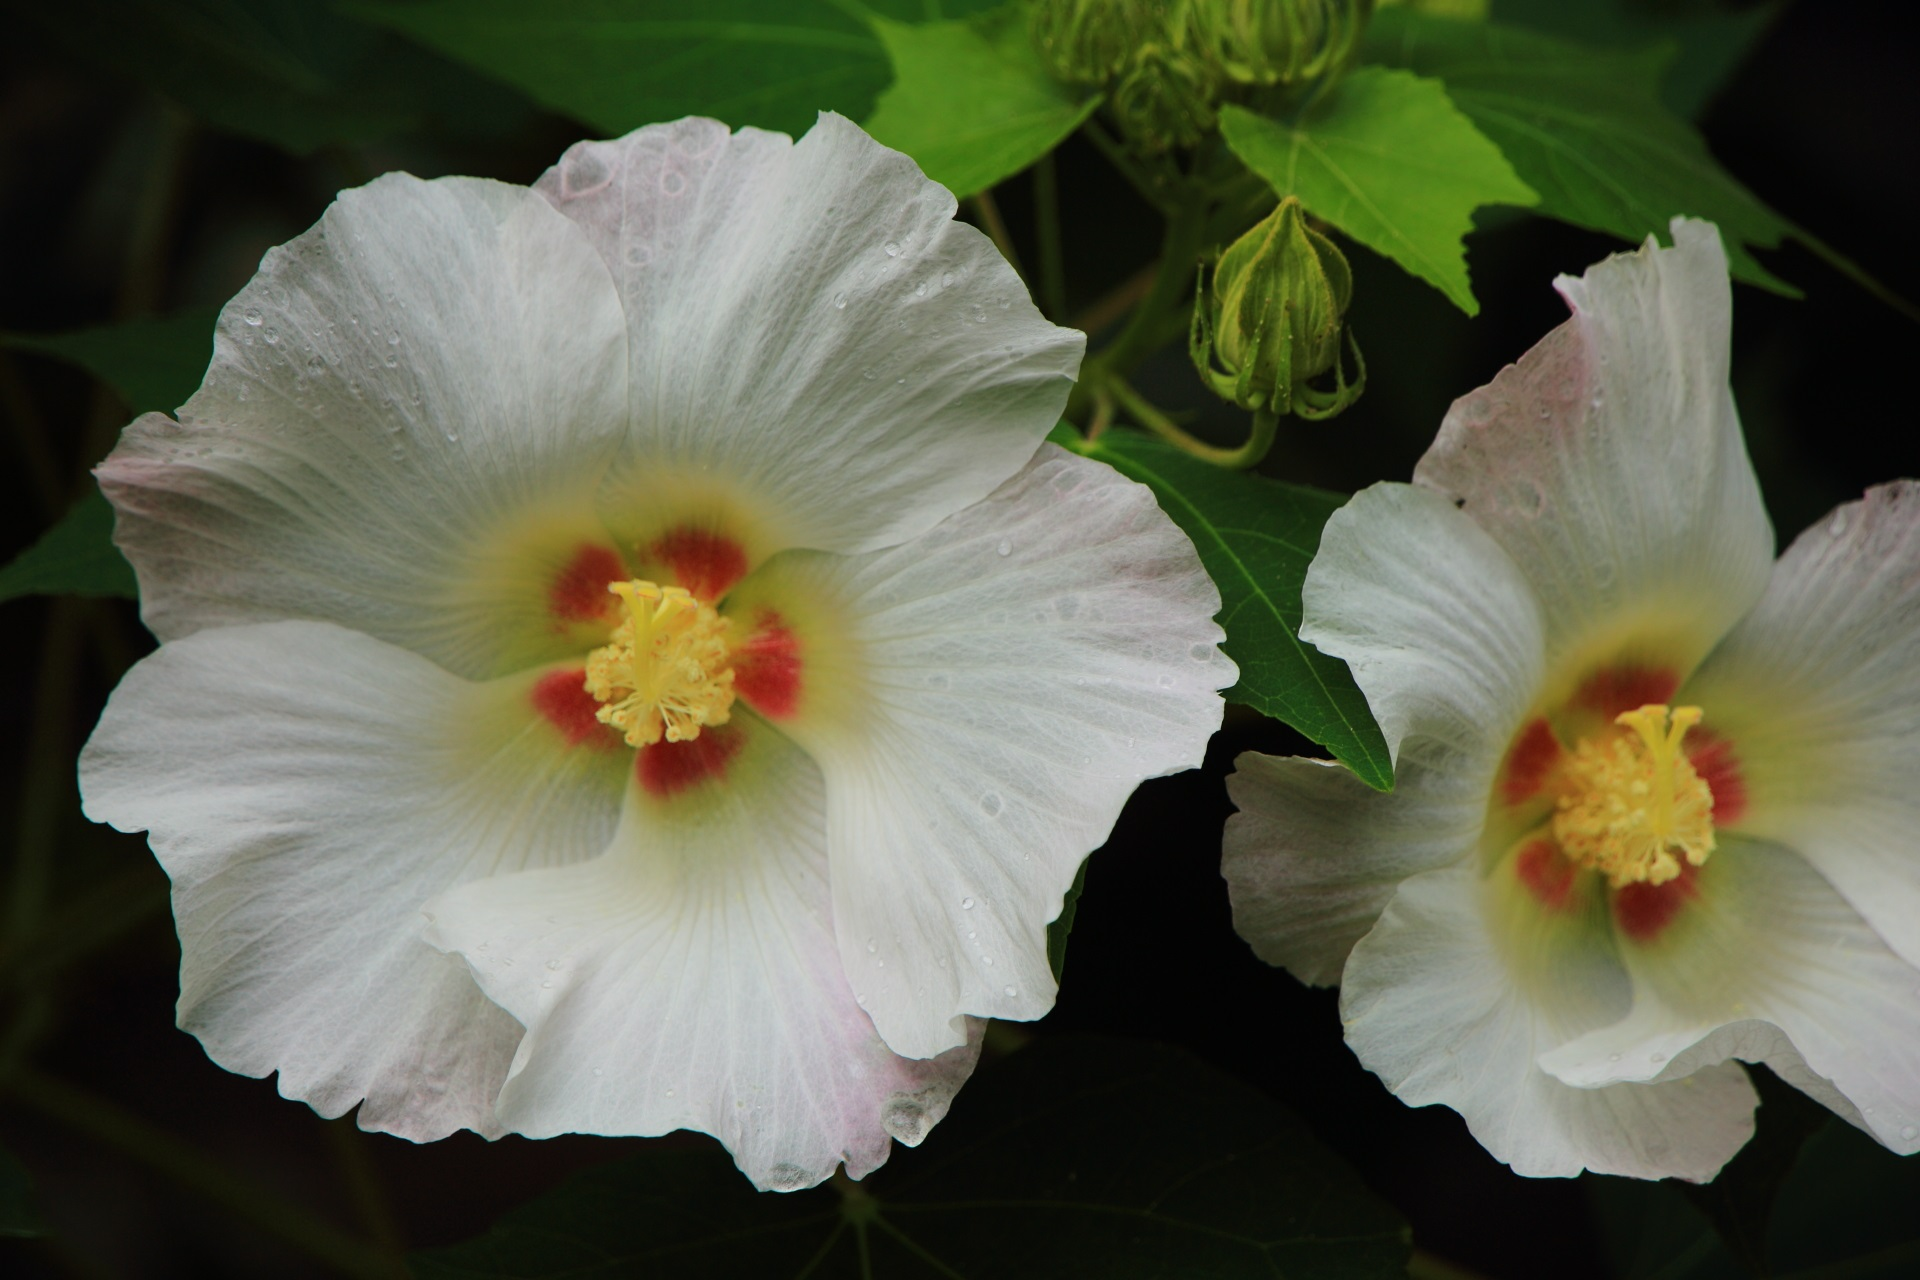 爽やかに咲き誇る白い芙蓉の花